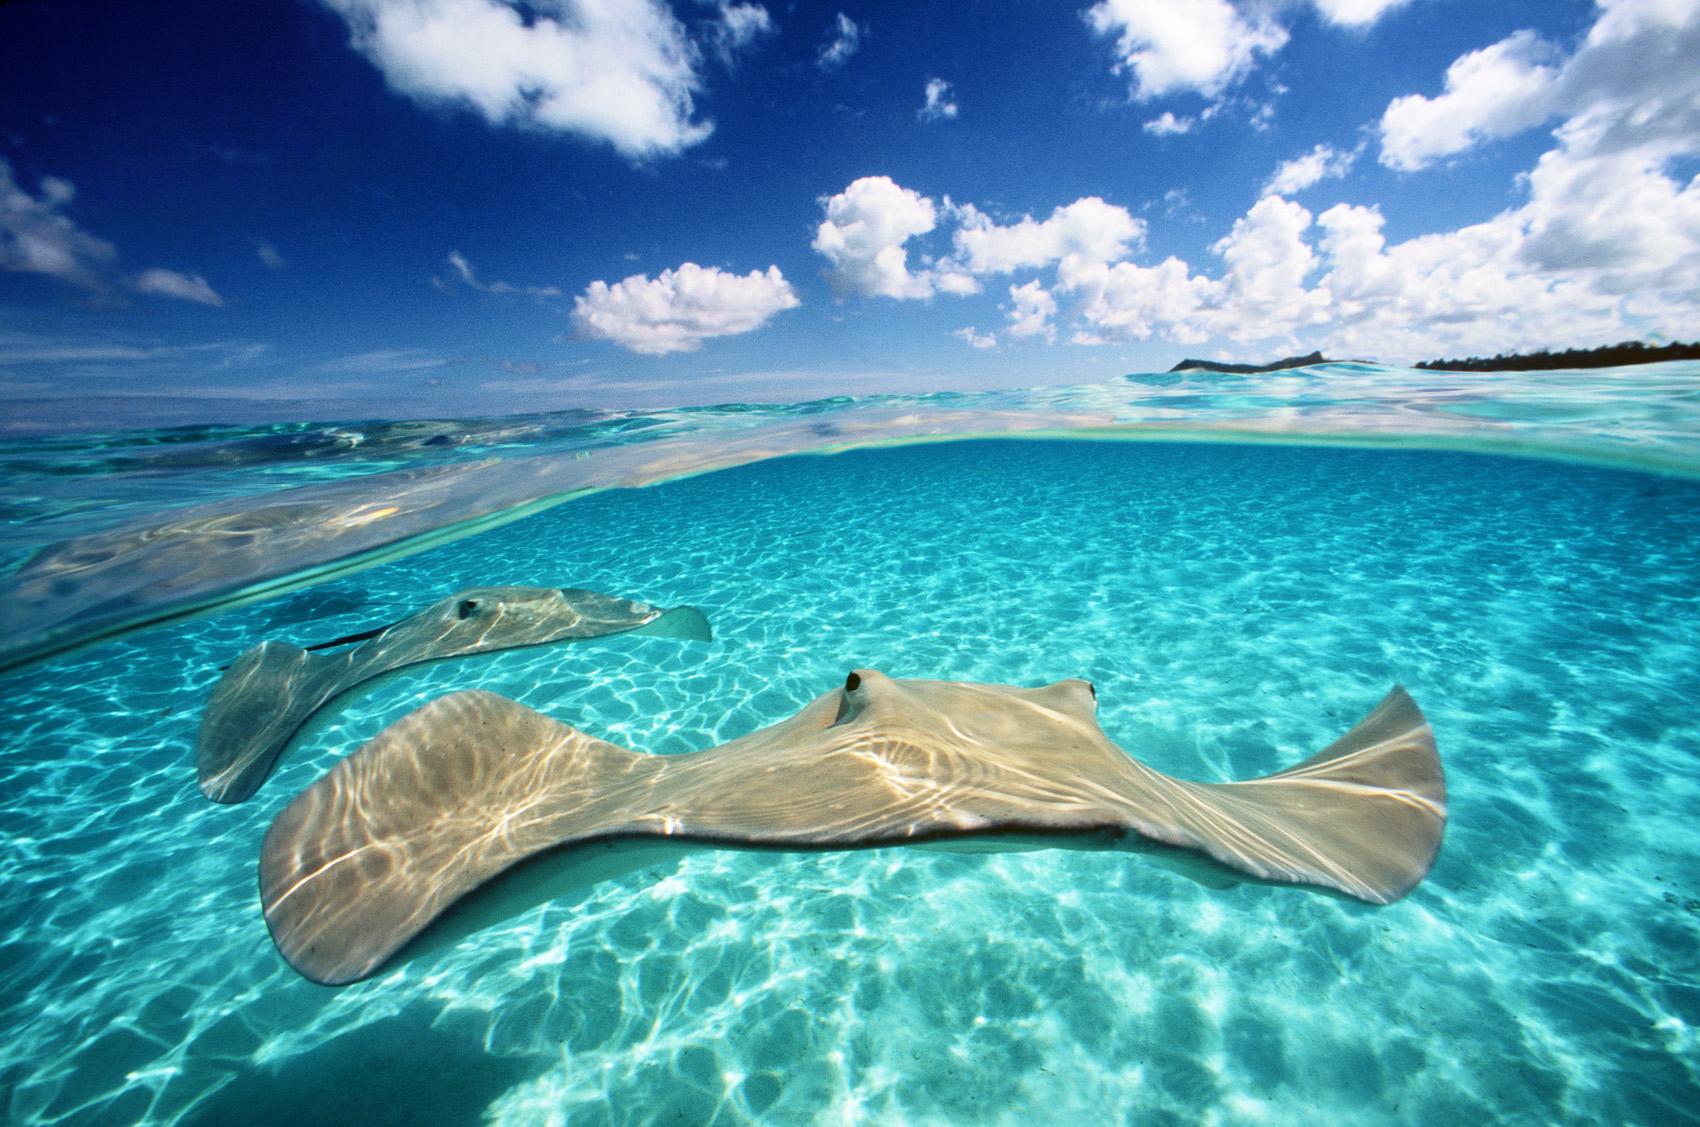 Ambassadeurs de l'océan. Les raies accueillent des plongeurs dans le lagon aux eaux cristallines de Bora-Bora, en Polynésie française. Ces charmantes créatures sont devenues des ambassadrices, en promouvant la sensibilisation des océans et leur préservation à chaque rencontre.